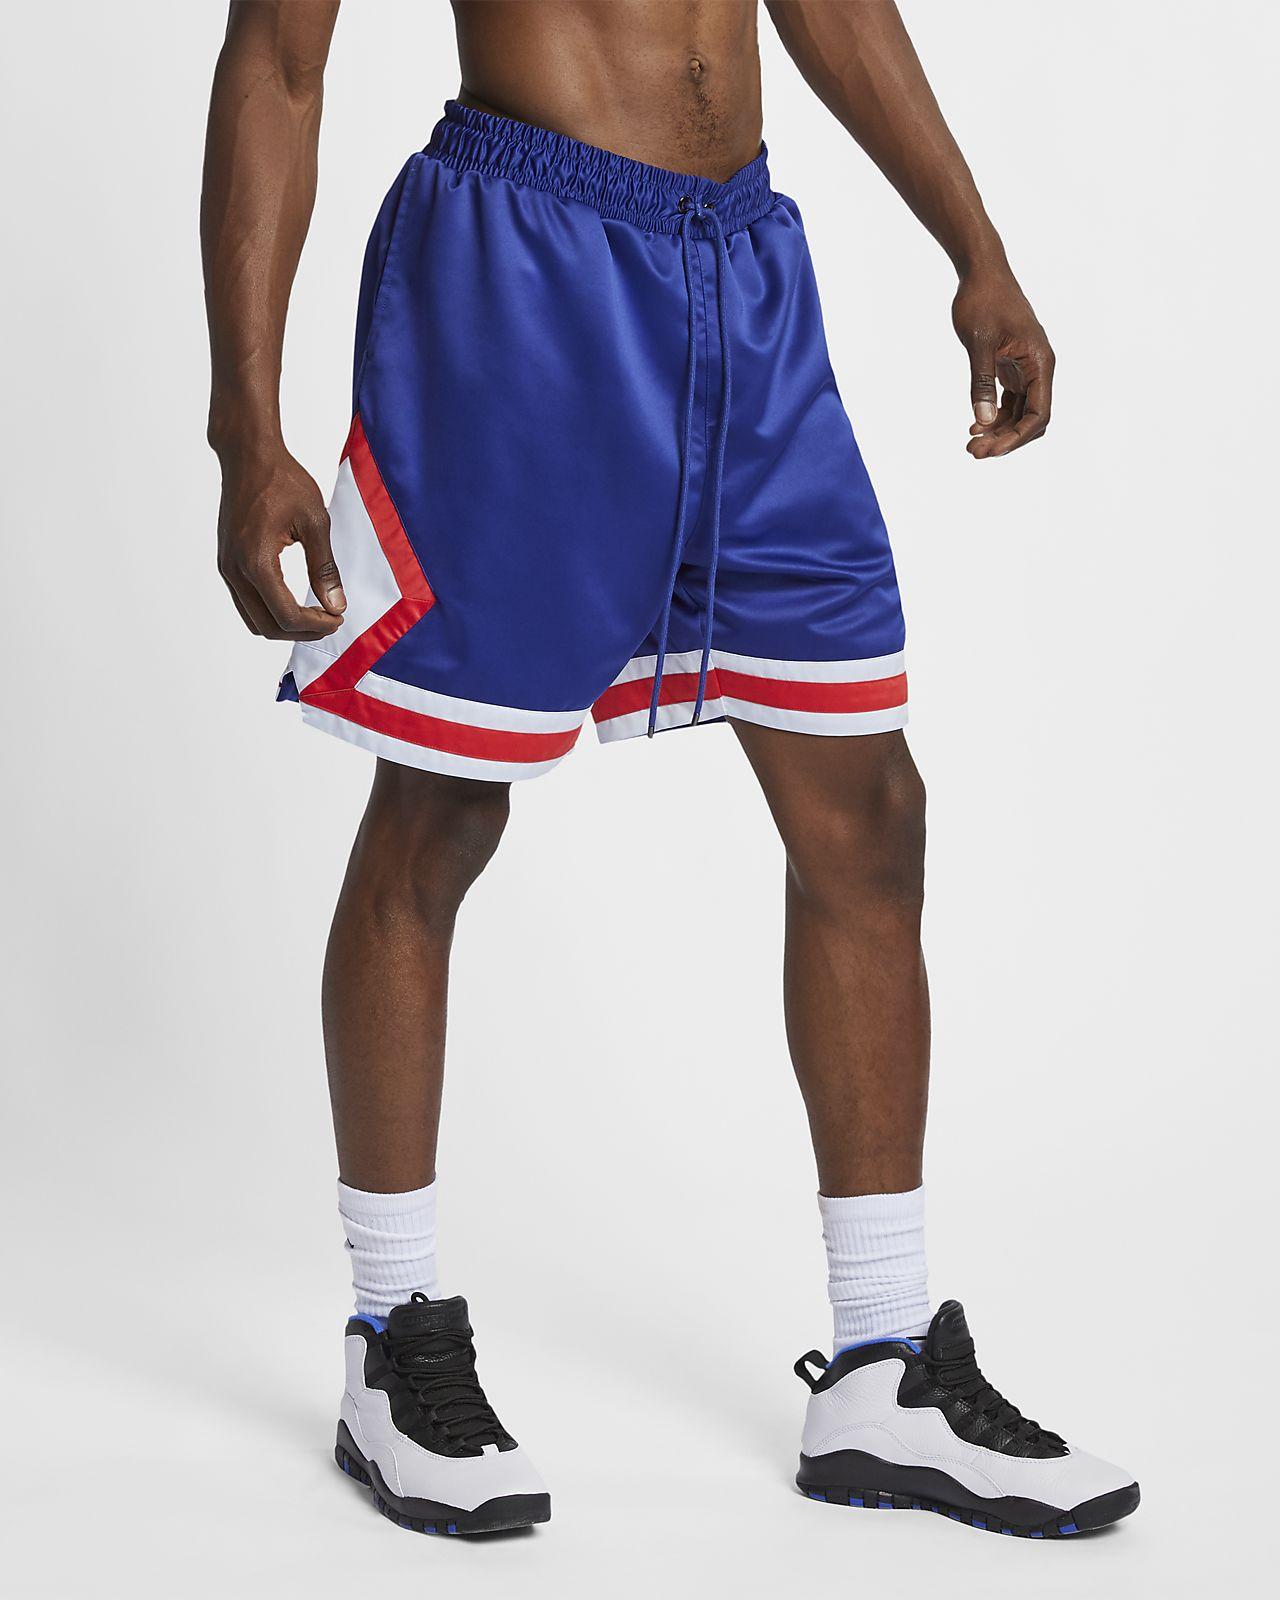 f59e9263e4f2d2 Low Resolution Jordan Satin Diamond Men s Shorts Jordan Satin Diamond Men s  Shorts